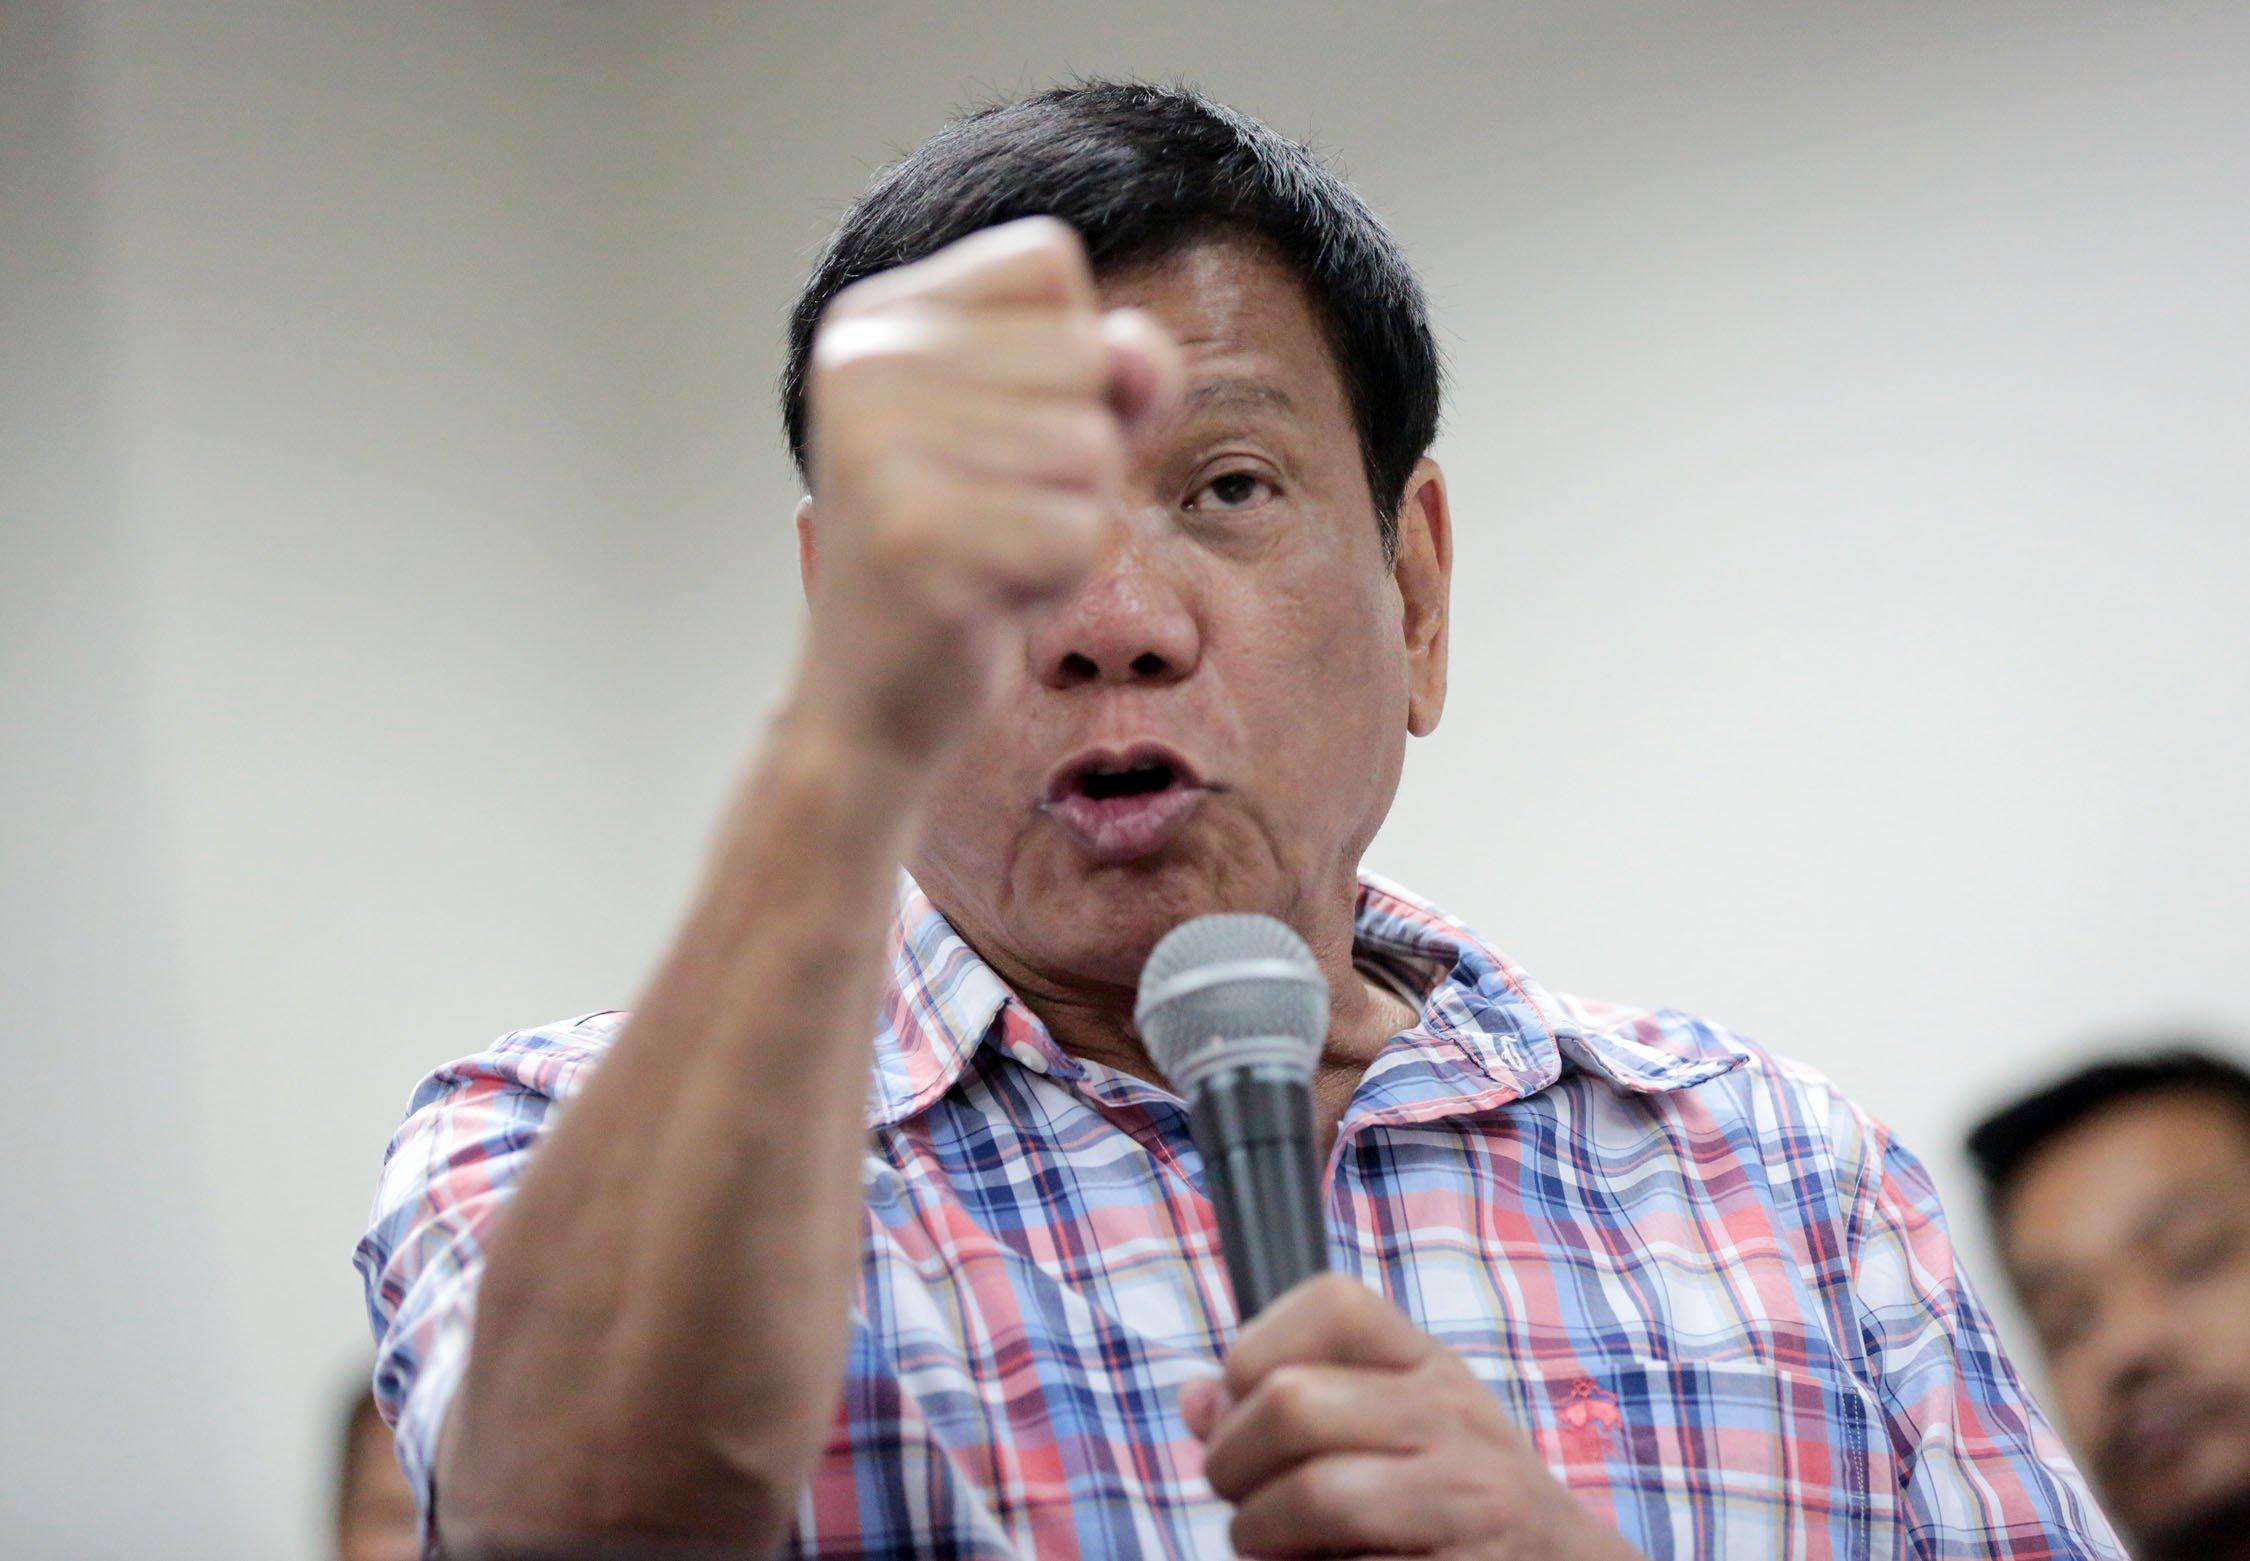 Pasca-Seminggu 'Menghilang' karena Sakit, Presiden Duterte Kembali Sapa Publik